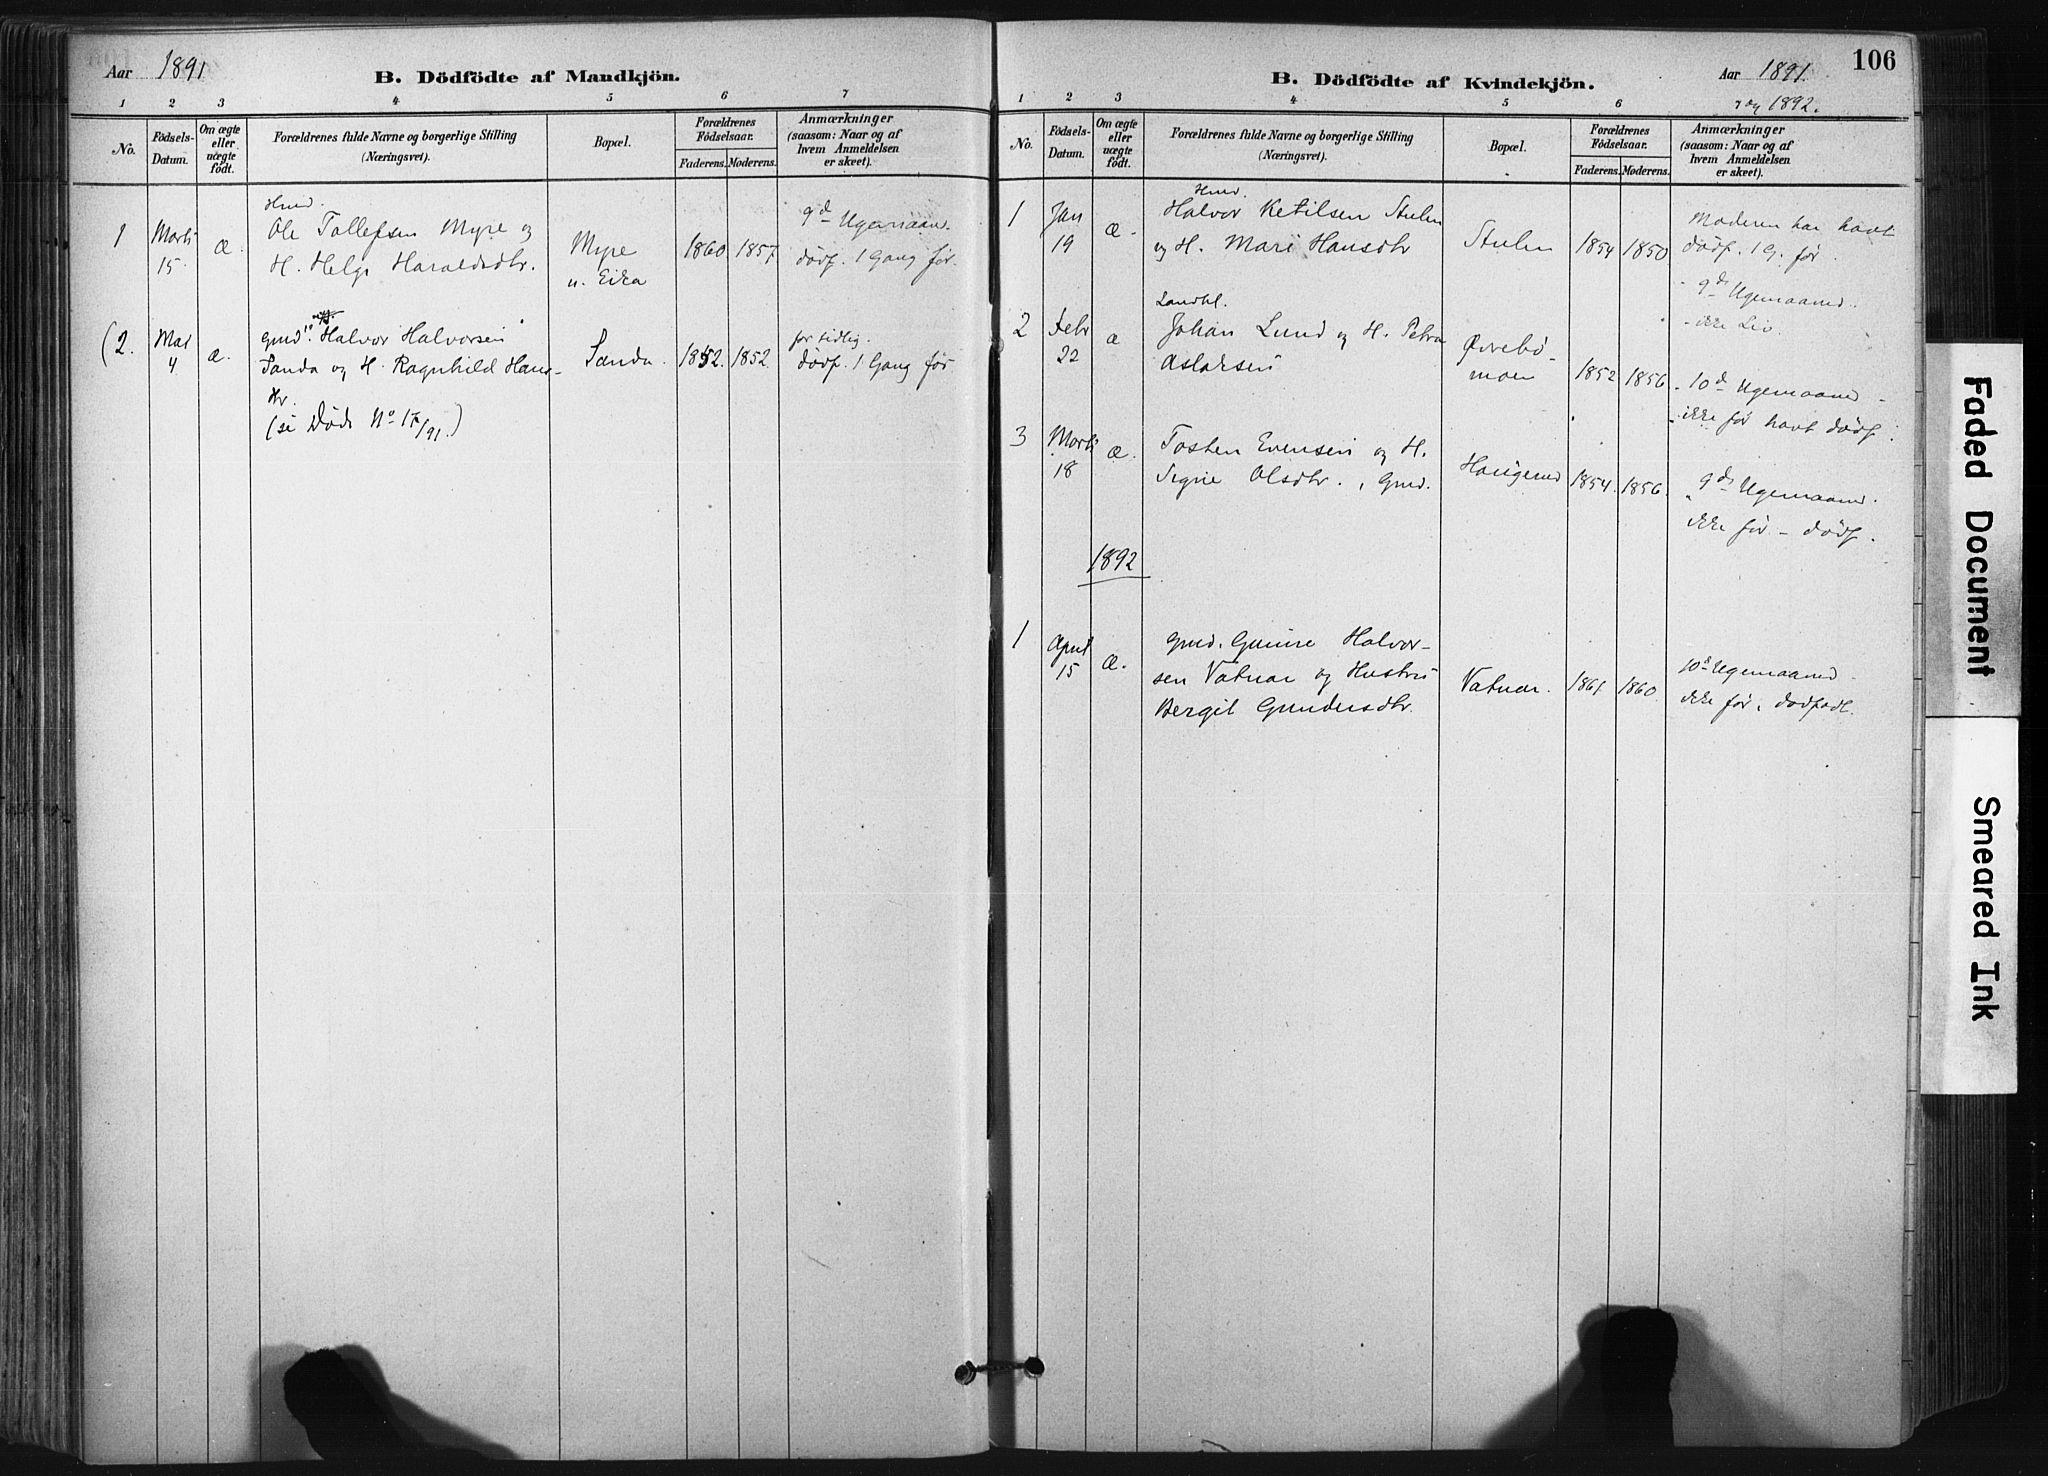 SAKO, Bø kirkebøker, F/Fa/L0010: Ministerialbok nr. 10, 1880-1892, s. 106